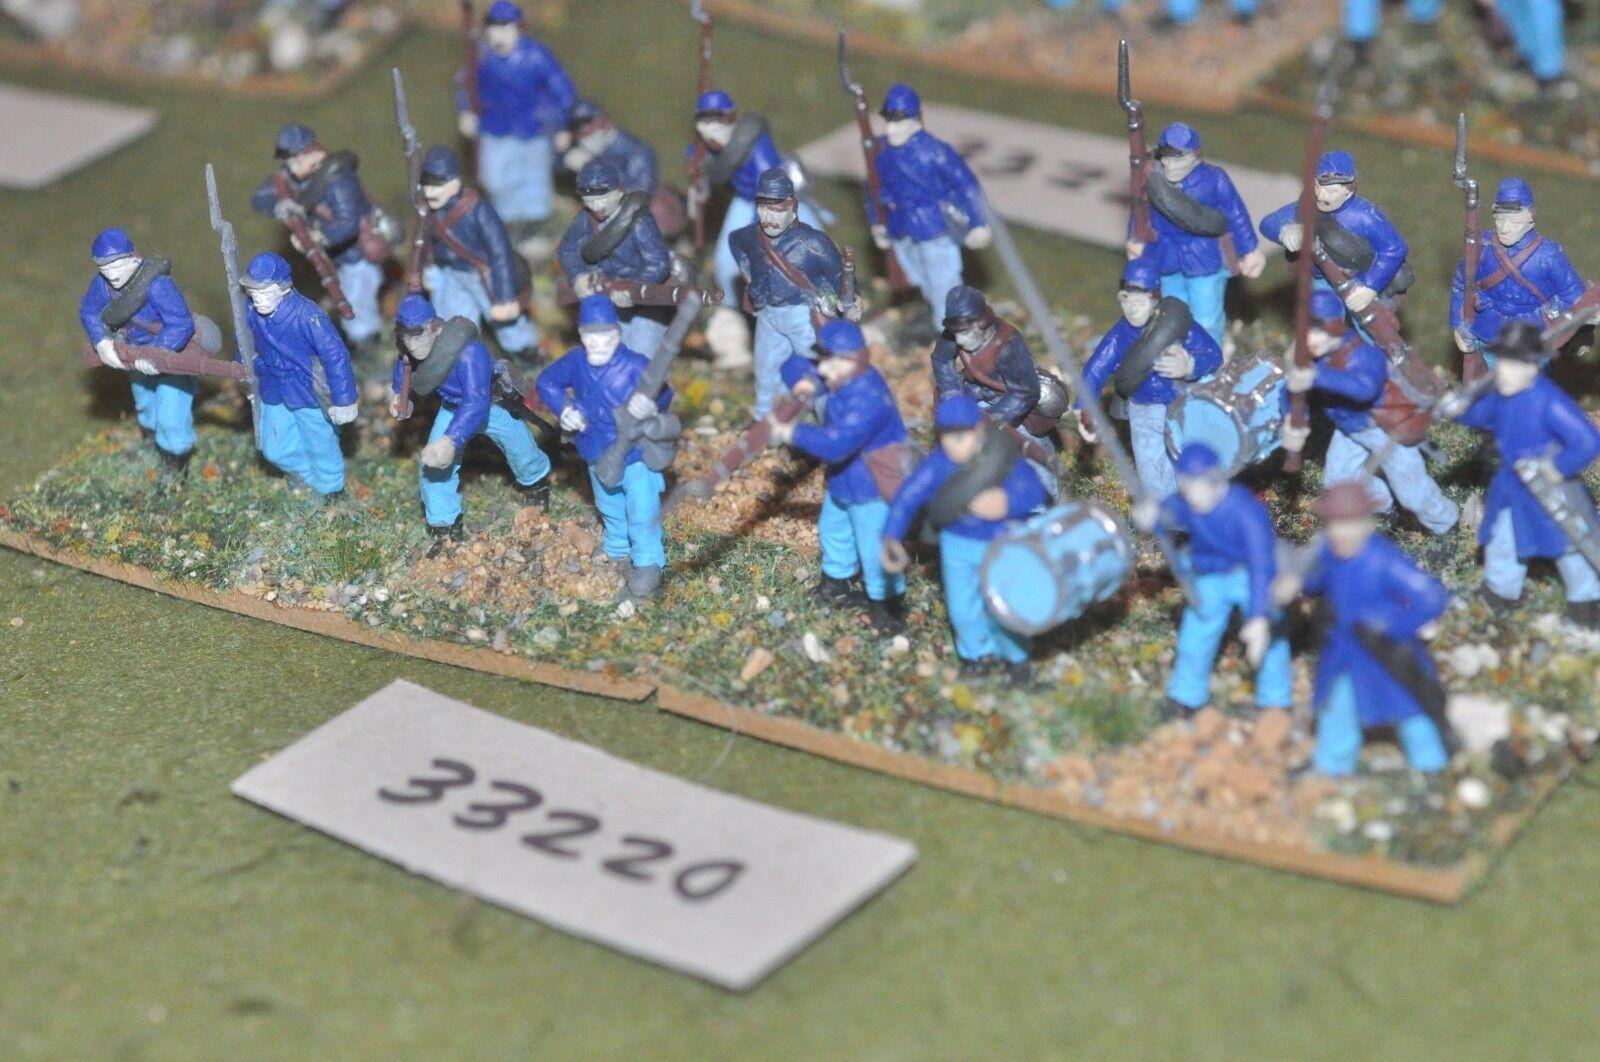 25mm ACW   union - regiment (plastic) 24 figures - inf (33220)